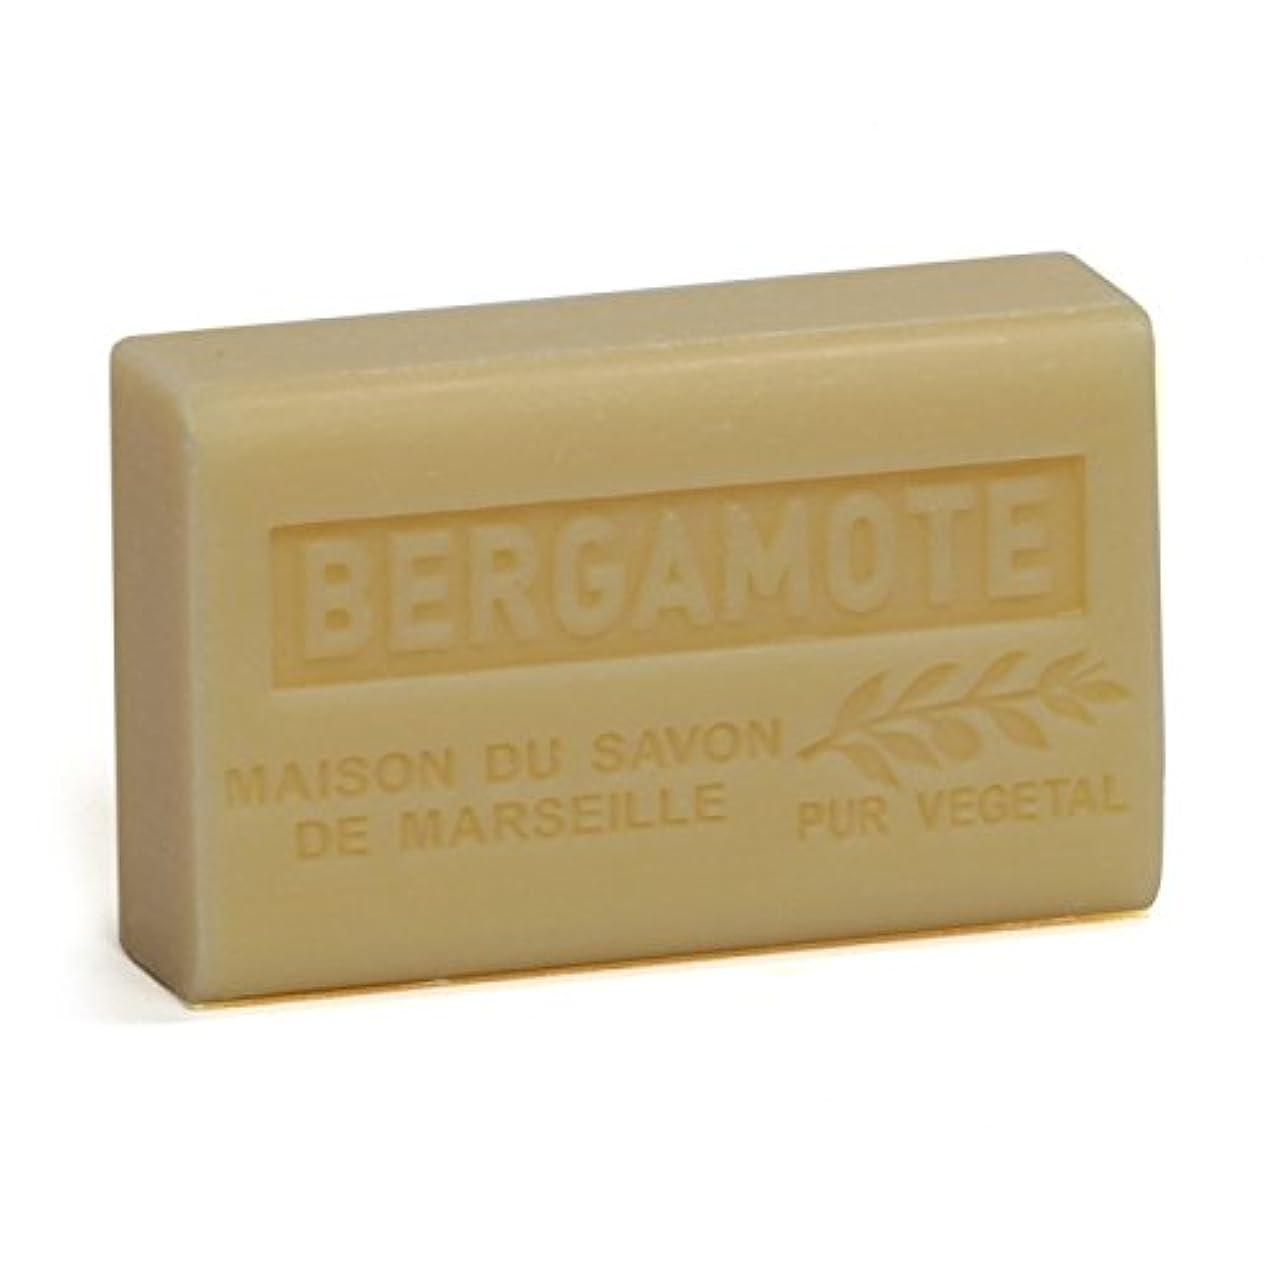 テーブルを設定するオズワルドビットSavon de Marseille Soap Bergamot Shea Butter 125g